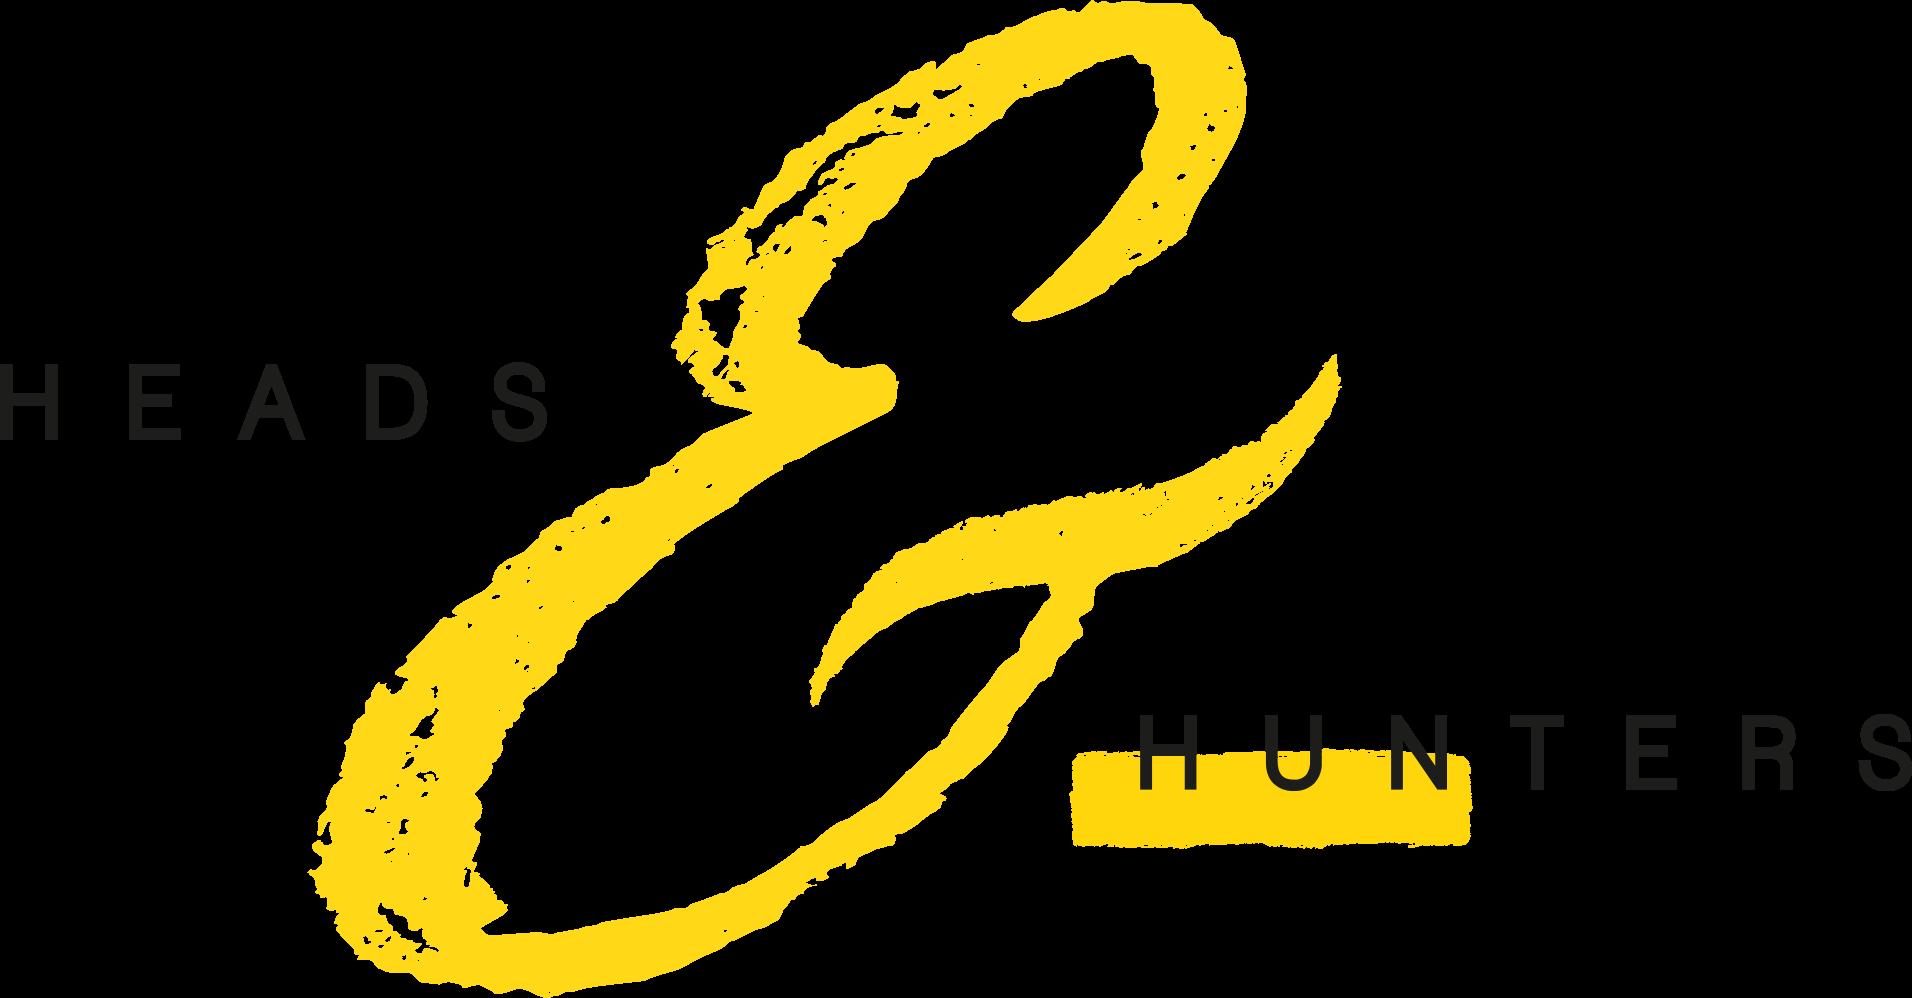 Heads & Hunters - EuroSearch